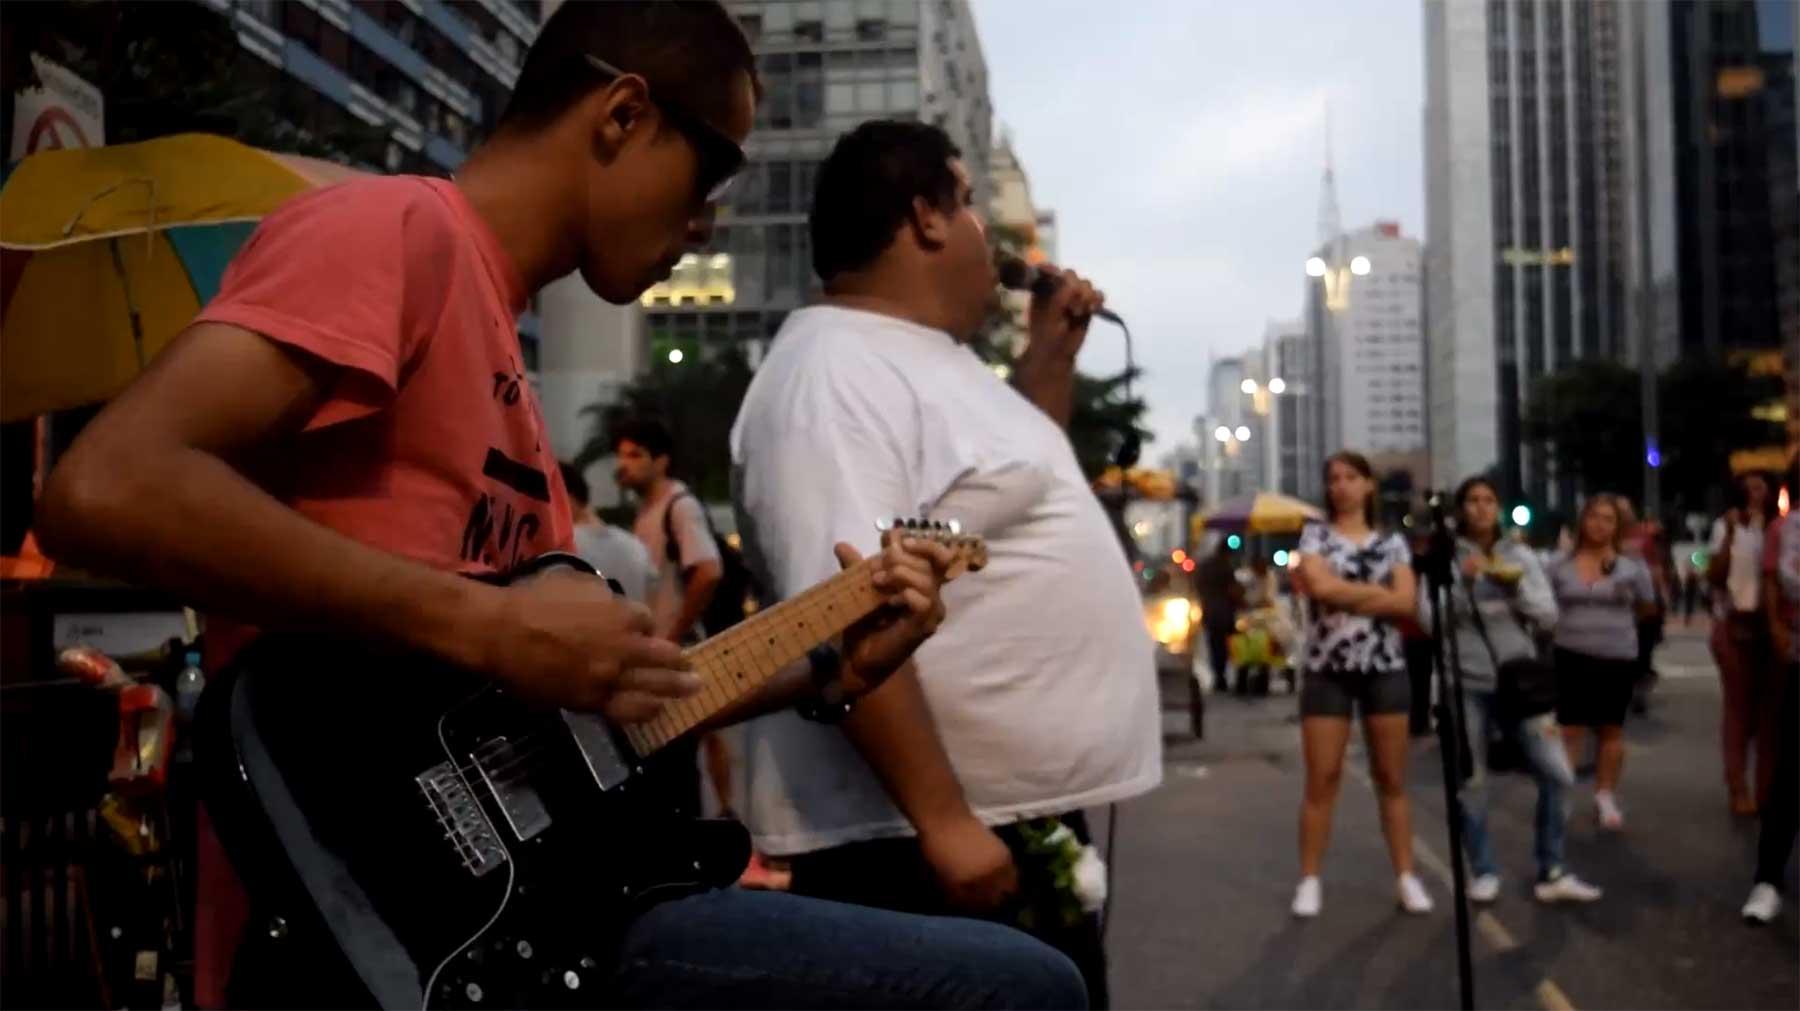 Band-Instrumente auf die Straße gestellt und abgewartet